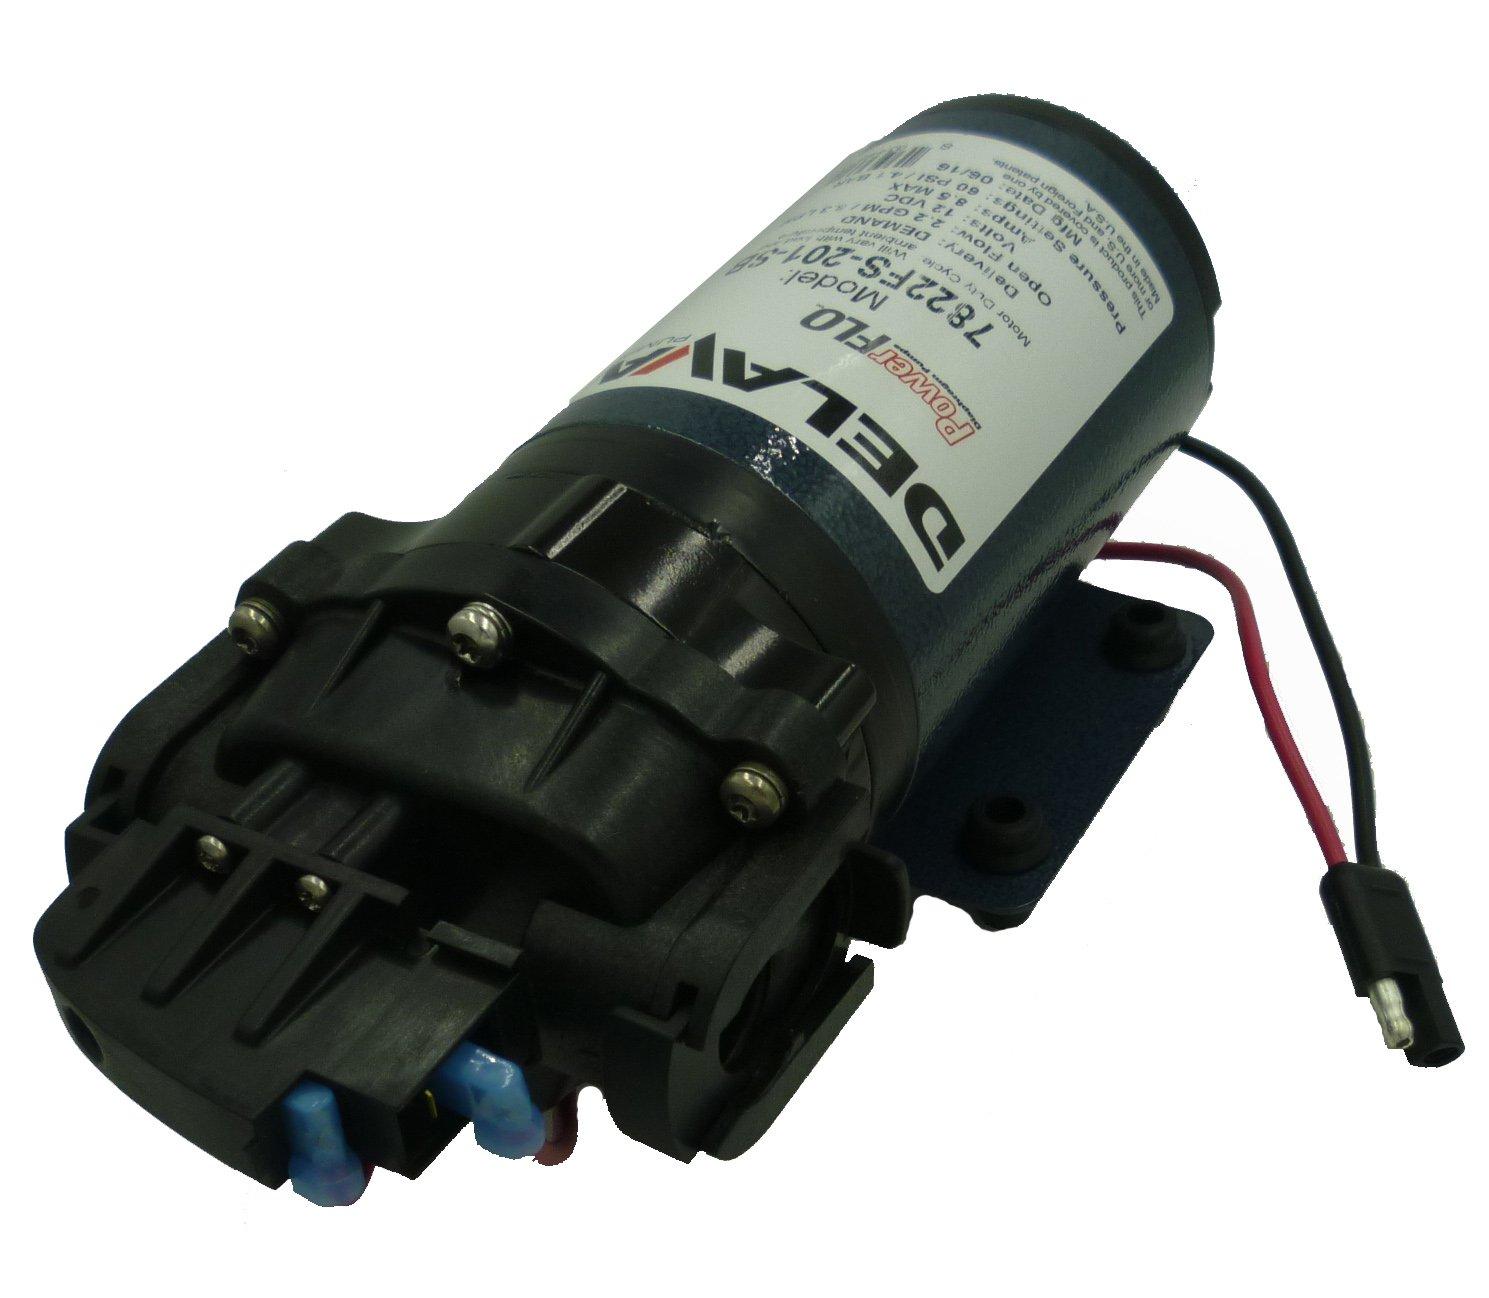 Delavan 7822FS-201-SB Flex Diaphragm Pump 12V, 60 PSI, 2.2 GPM, Demand Pump with 3/4'' QA Ports